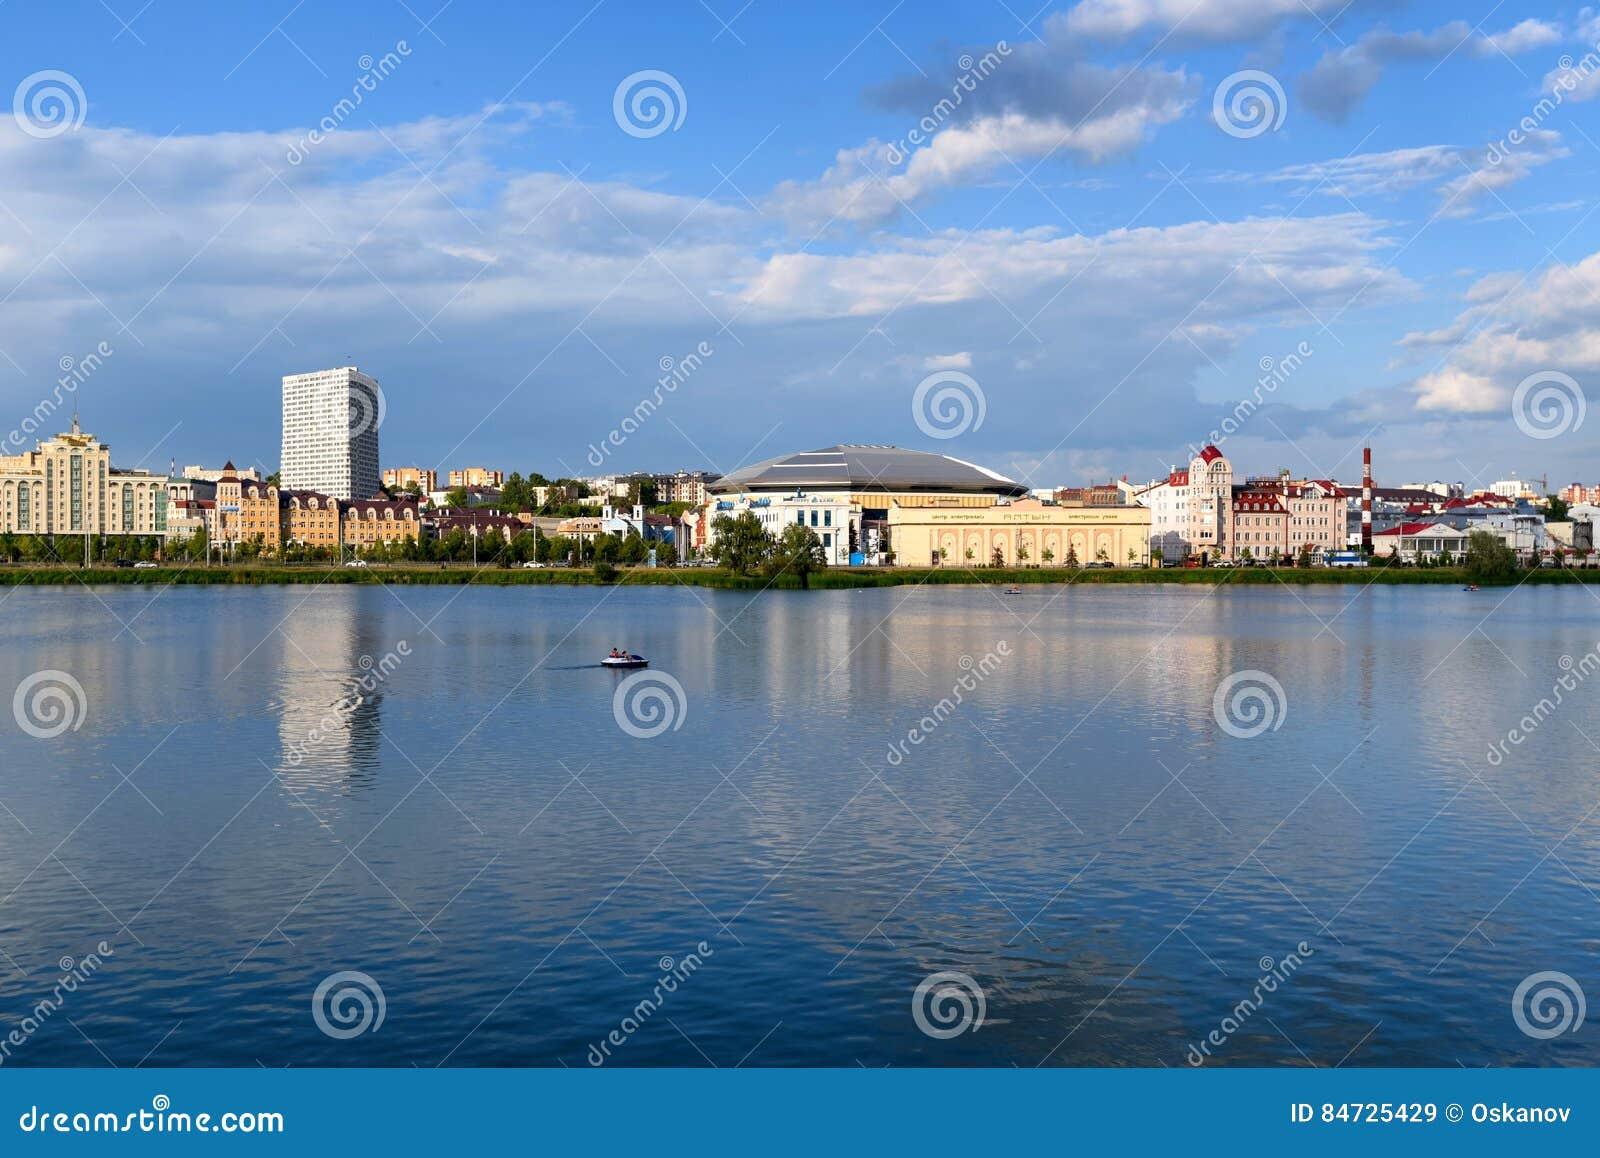 KAZAN, TATARSTAN, ROSJA - OKOŁO CZERWIEC 2016